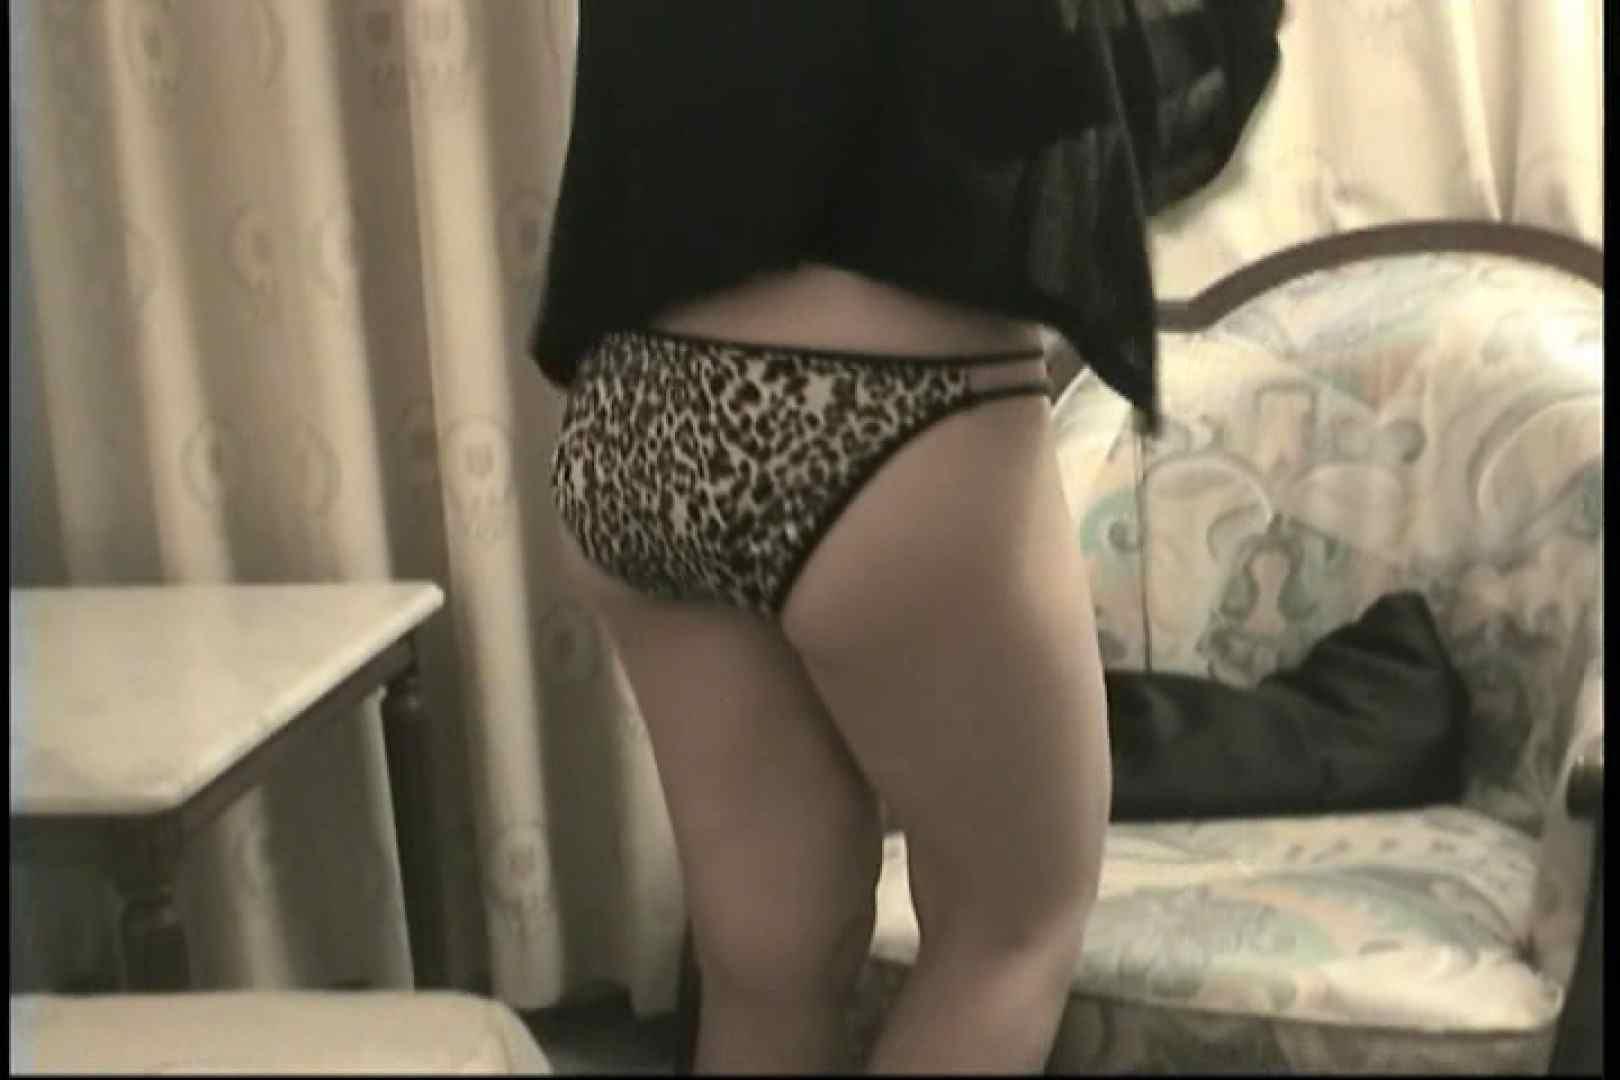 H大好きな清楚系の美ボディお姉さんとホテルでSEX~安西みか~ 電マ エロ画像 104枚 13